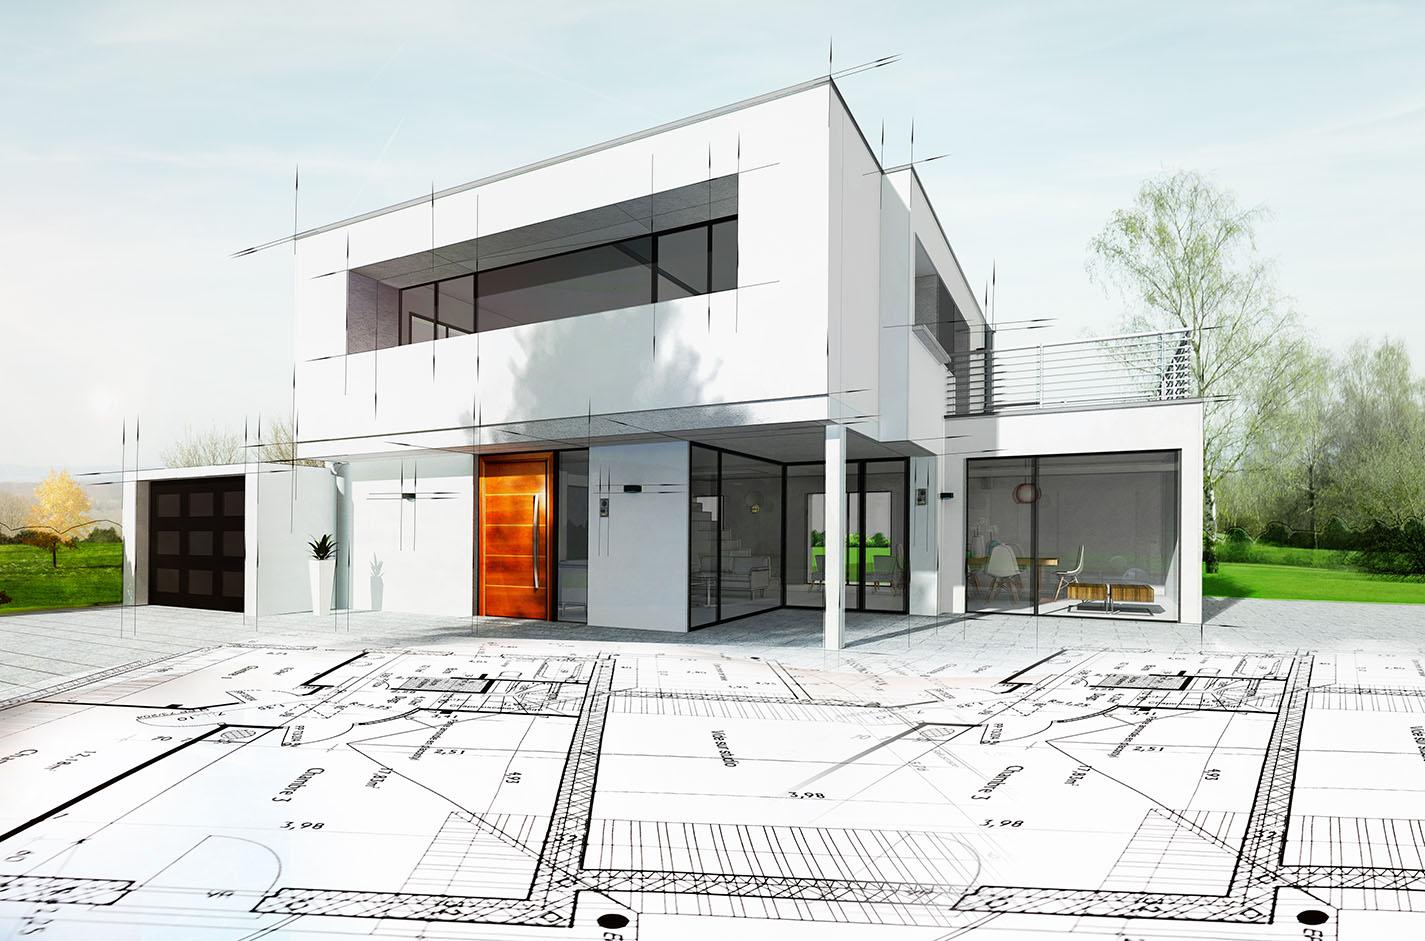 Constructeur, architecte ou maître d'œuvre